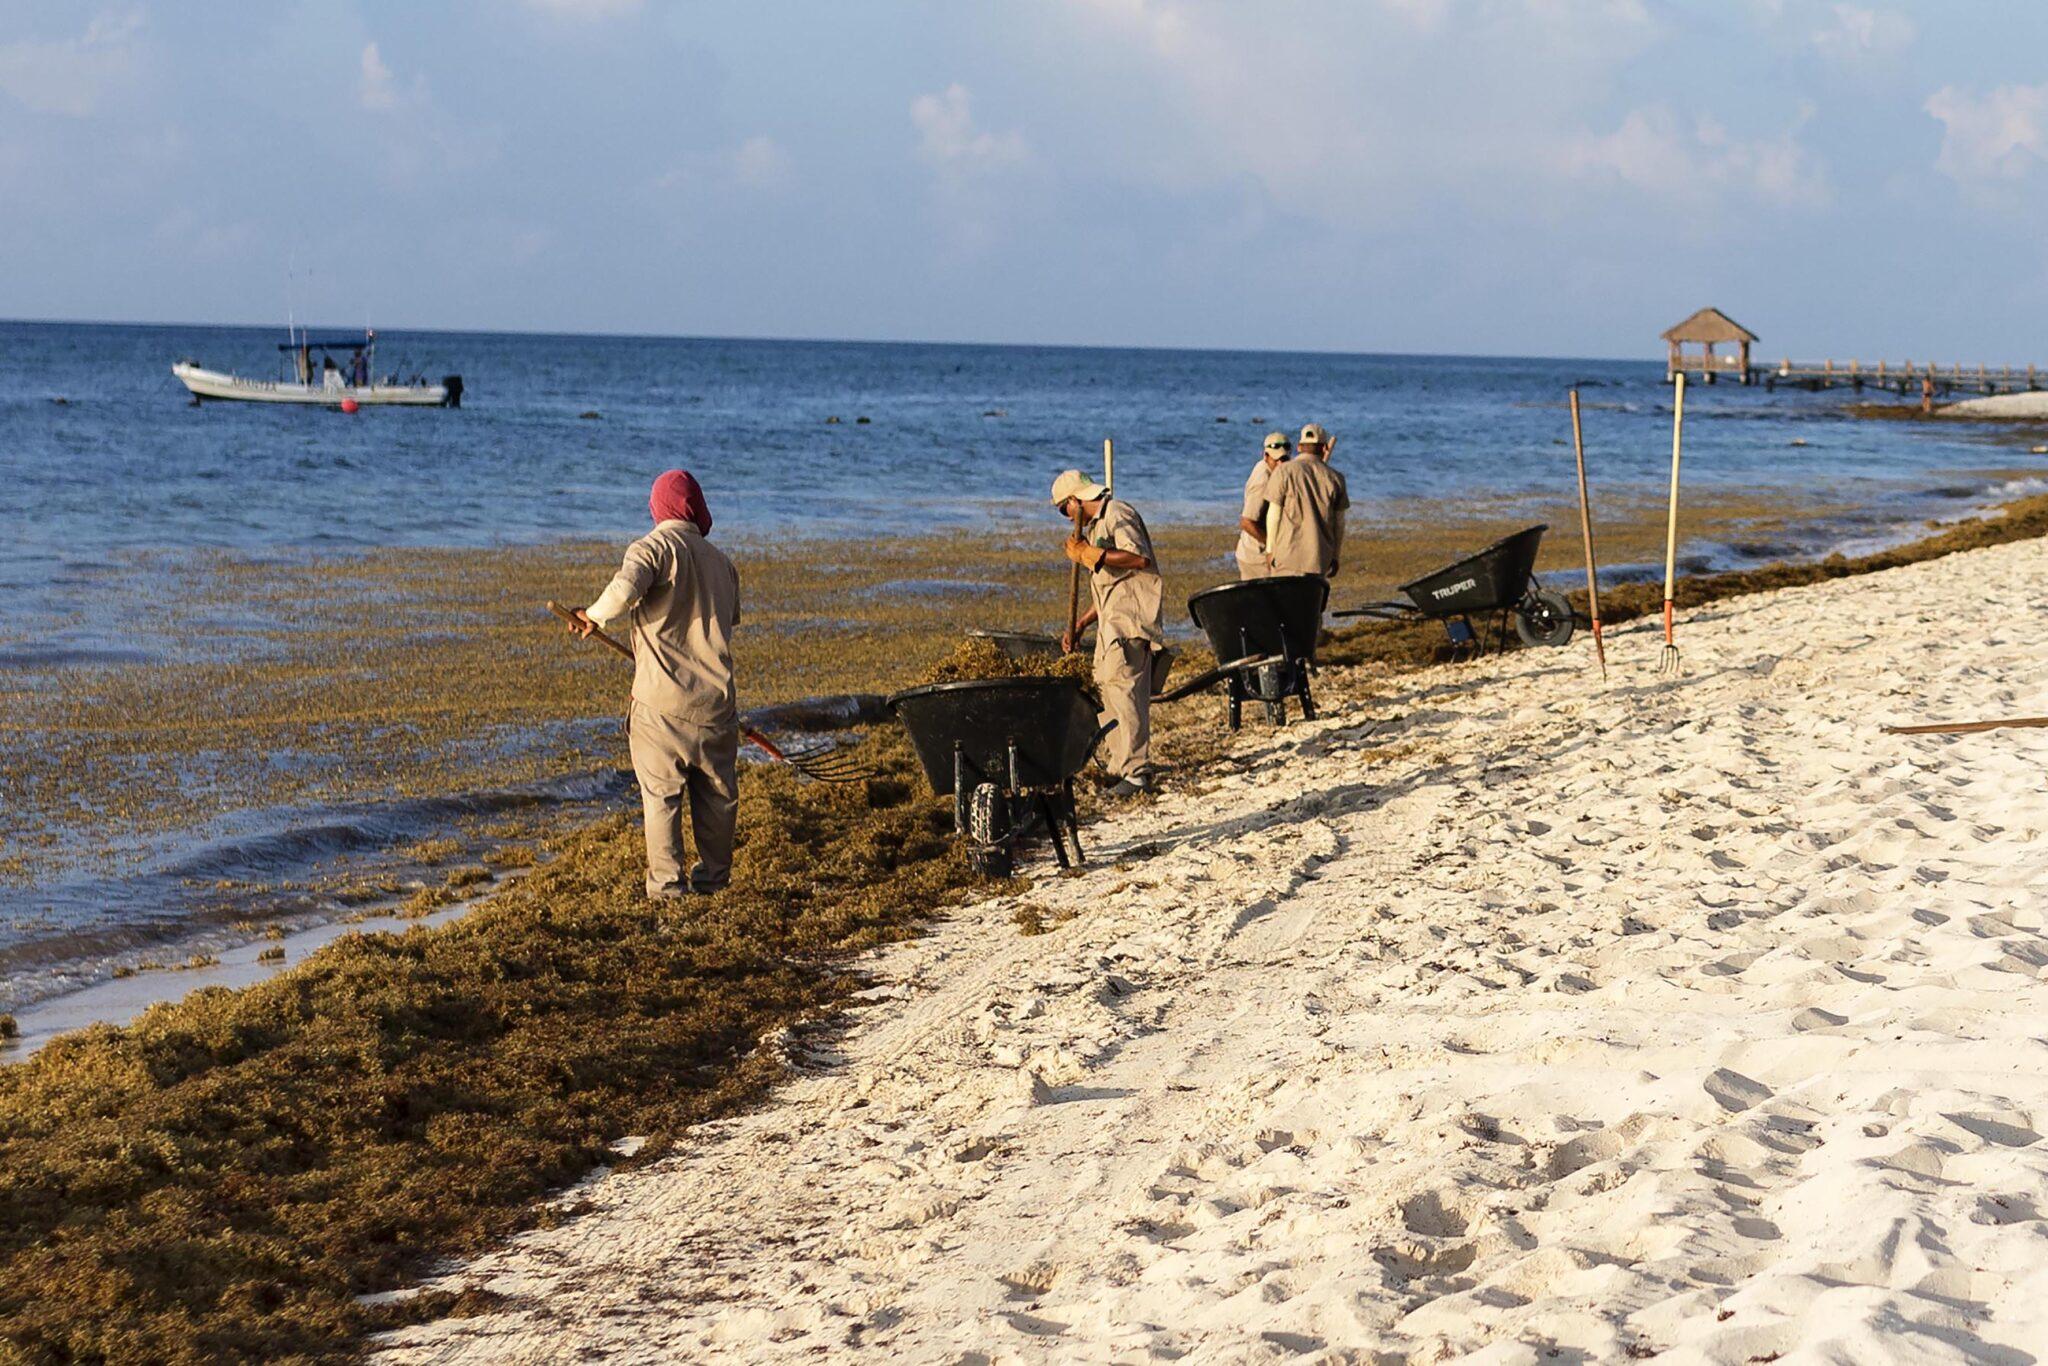 Arbeiter entfernen Algen am Strand.